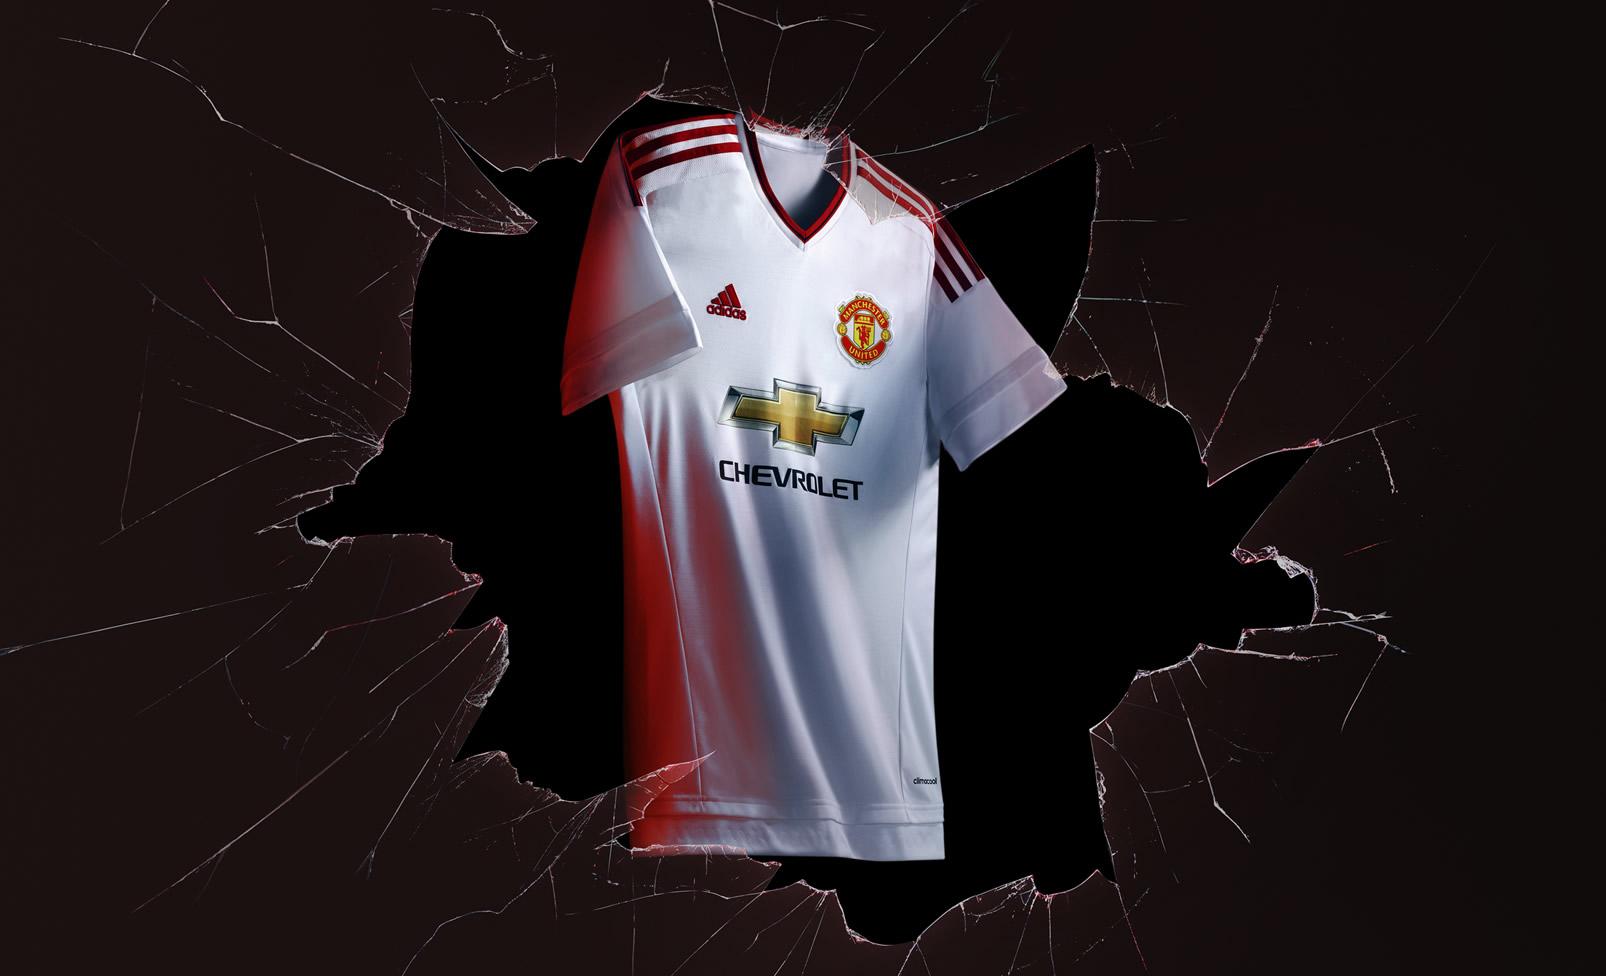 Casaca suplente del Manchester United | Foto Adidas